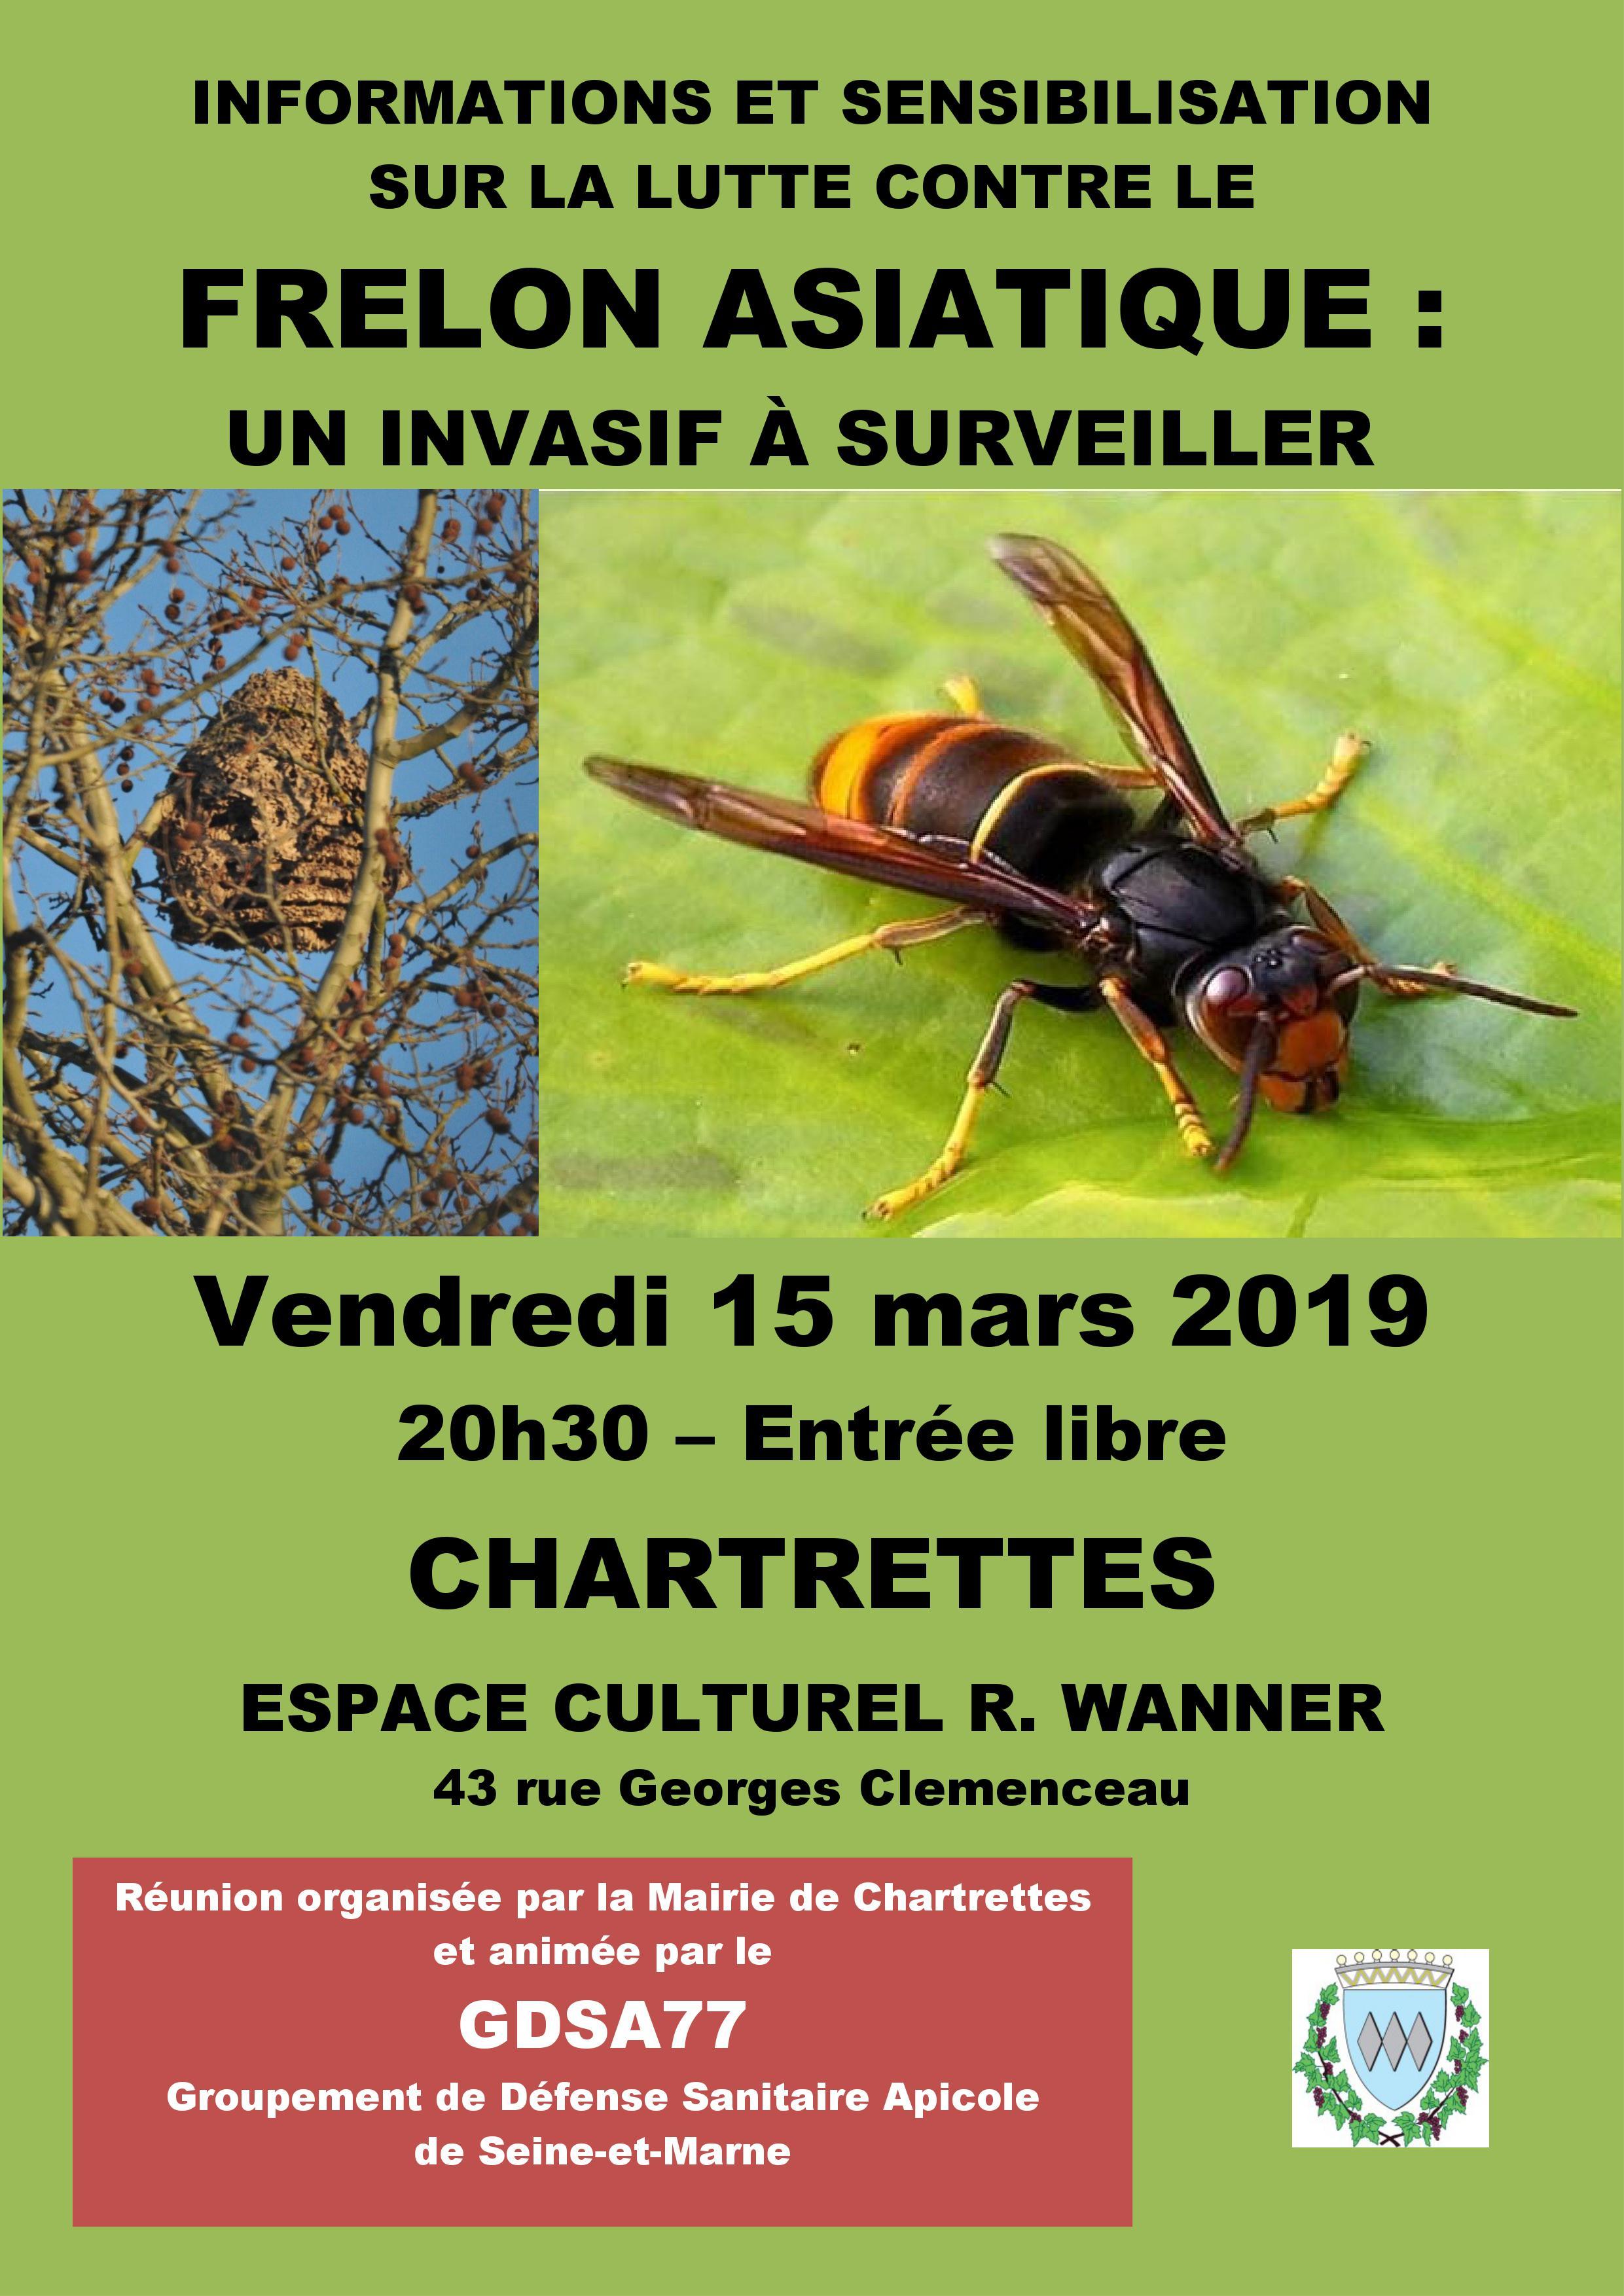 Conférence-Frelon-asiatique-CHARTRETTES-15-mars-2019